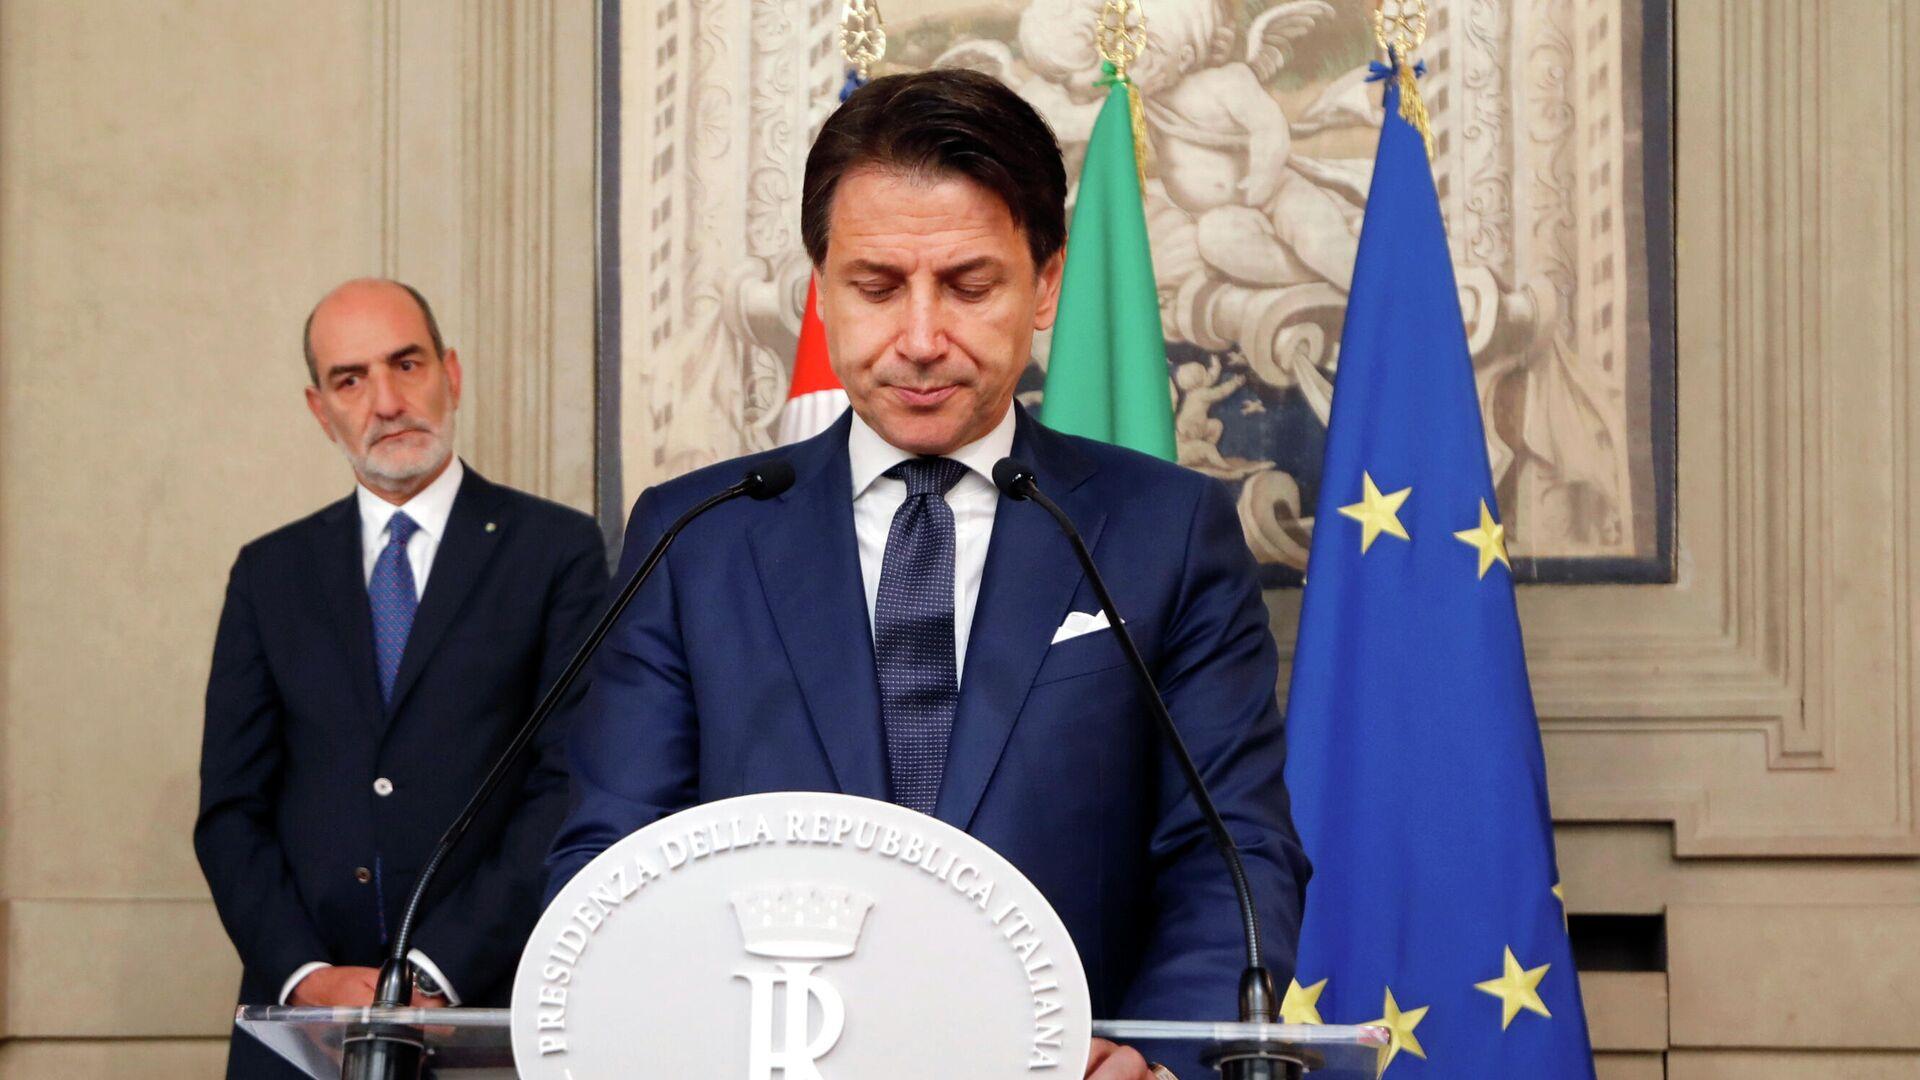 Премьер-министр Италии Джузеппе Конте во время пресс-конференции в президентском дворце в Риме - РИА Новости, 1920, 25.01.2021